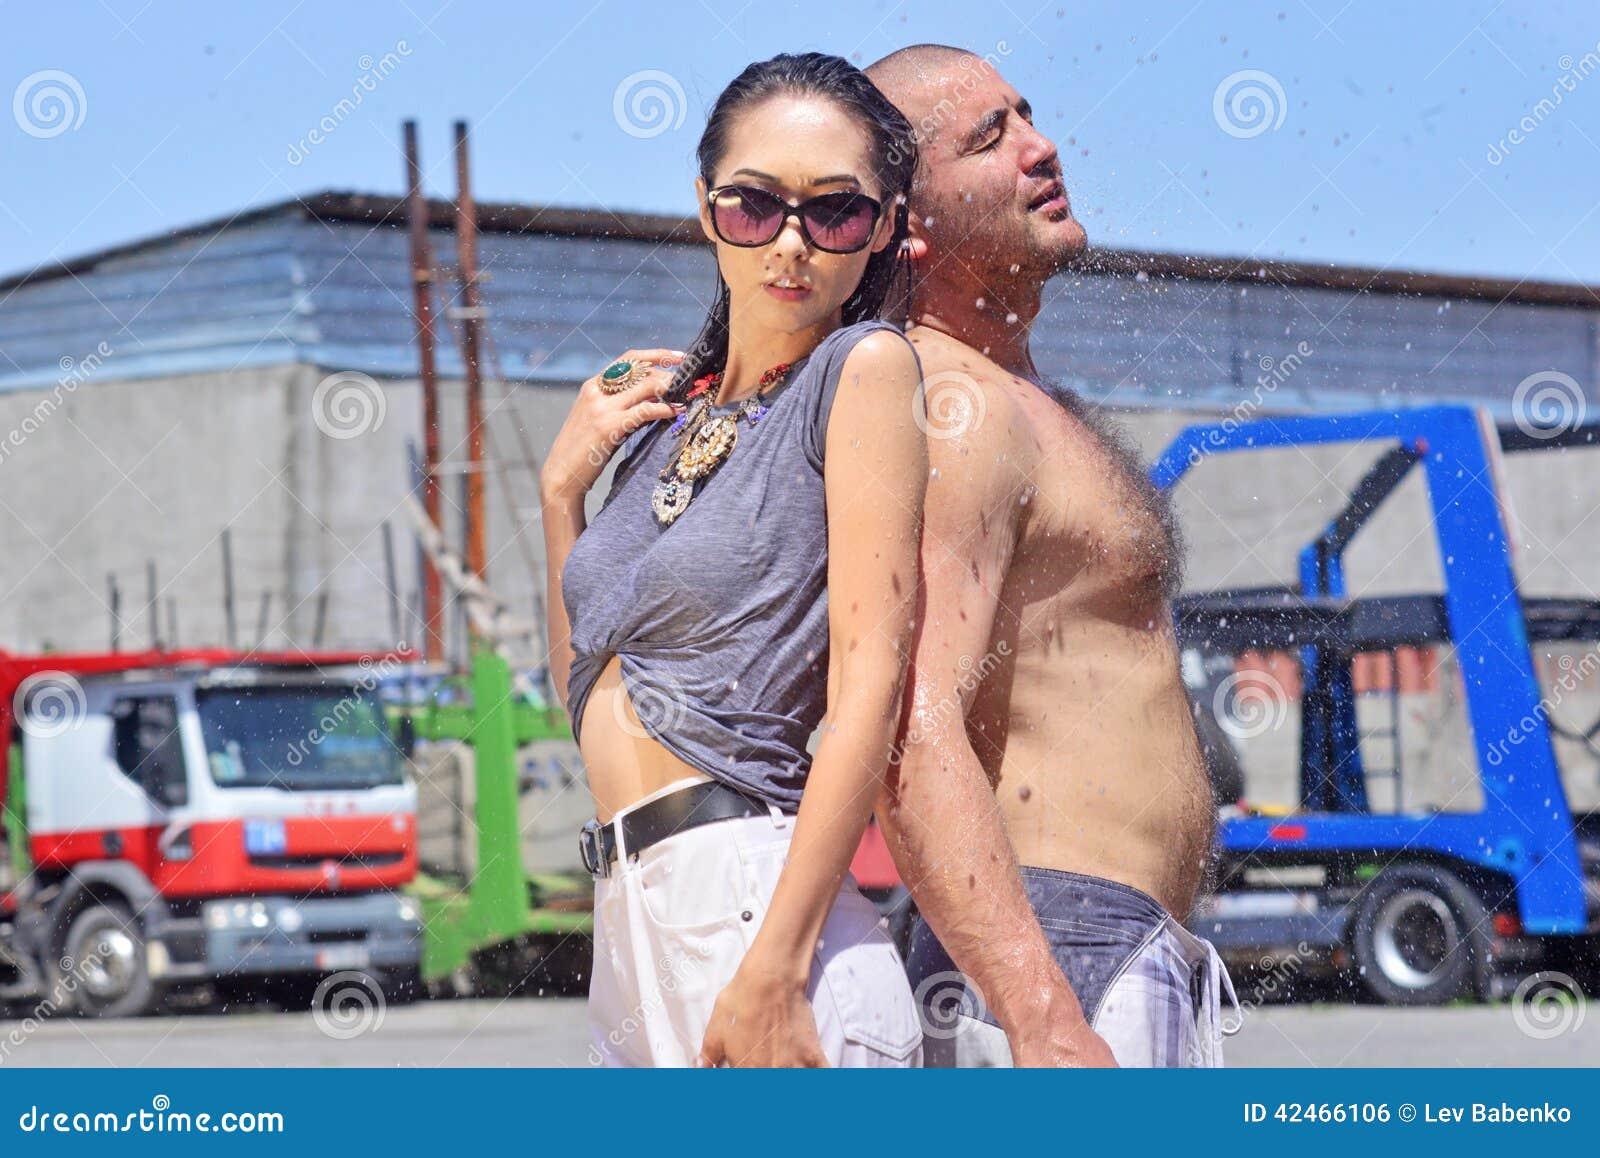 Glückliche Frau, schönes schwarzes Haar, nasse Kleidung, hinterer Mann, LKW